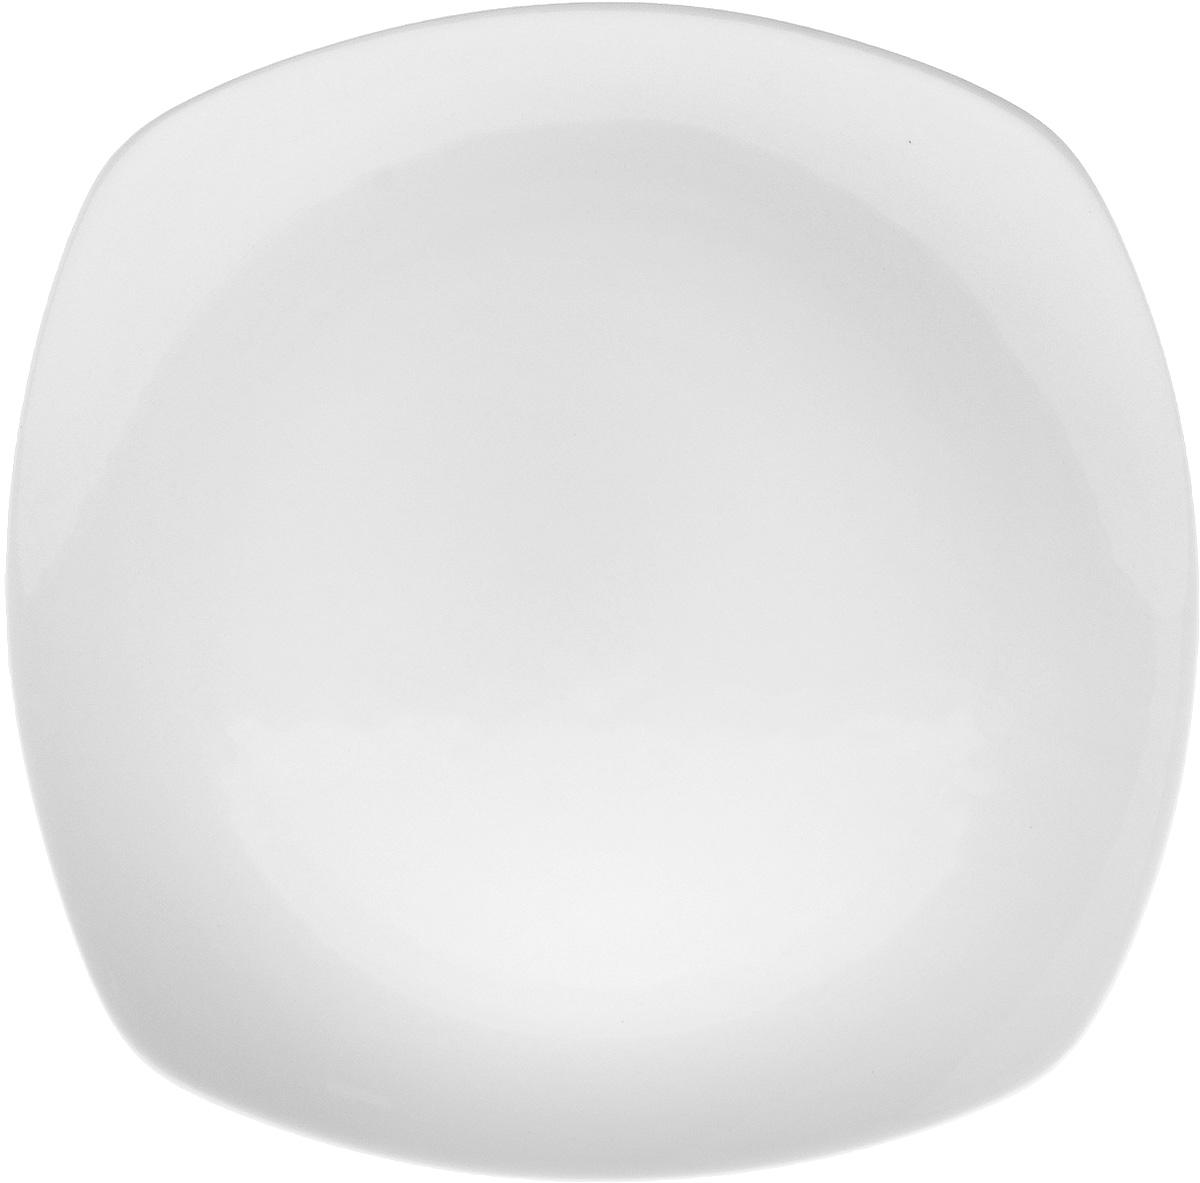 Тарелка Wilmax, 25,5 х 25,5WL-991002 / AТарелка Wilmax, изготовленная из высококачественного фарфора, имеет квадратную форму. Оригинальный дизайн придется по вкусу и ценителям классики, и тем, кто предпочитает утонченность и изысканность. Тарелка Wilmax идеально подойдет для сервировки стола и станет отличным подарком к любому празднику. Размер тарелки: 25,5 х 25,5